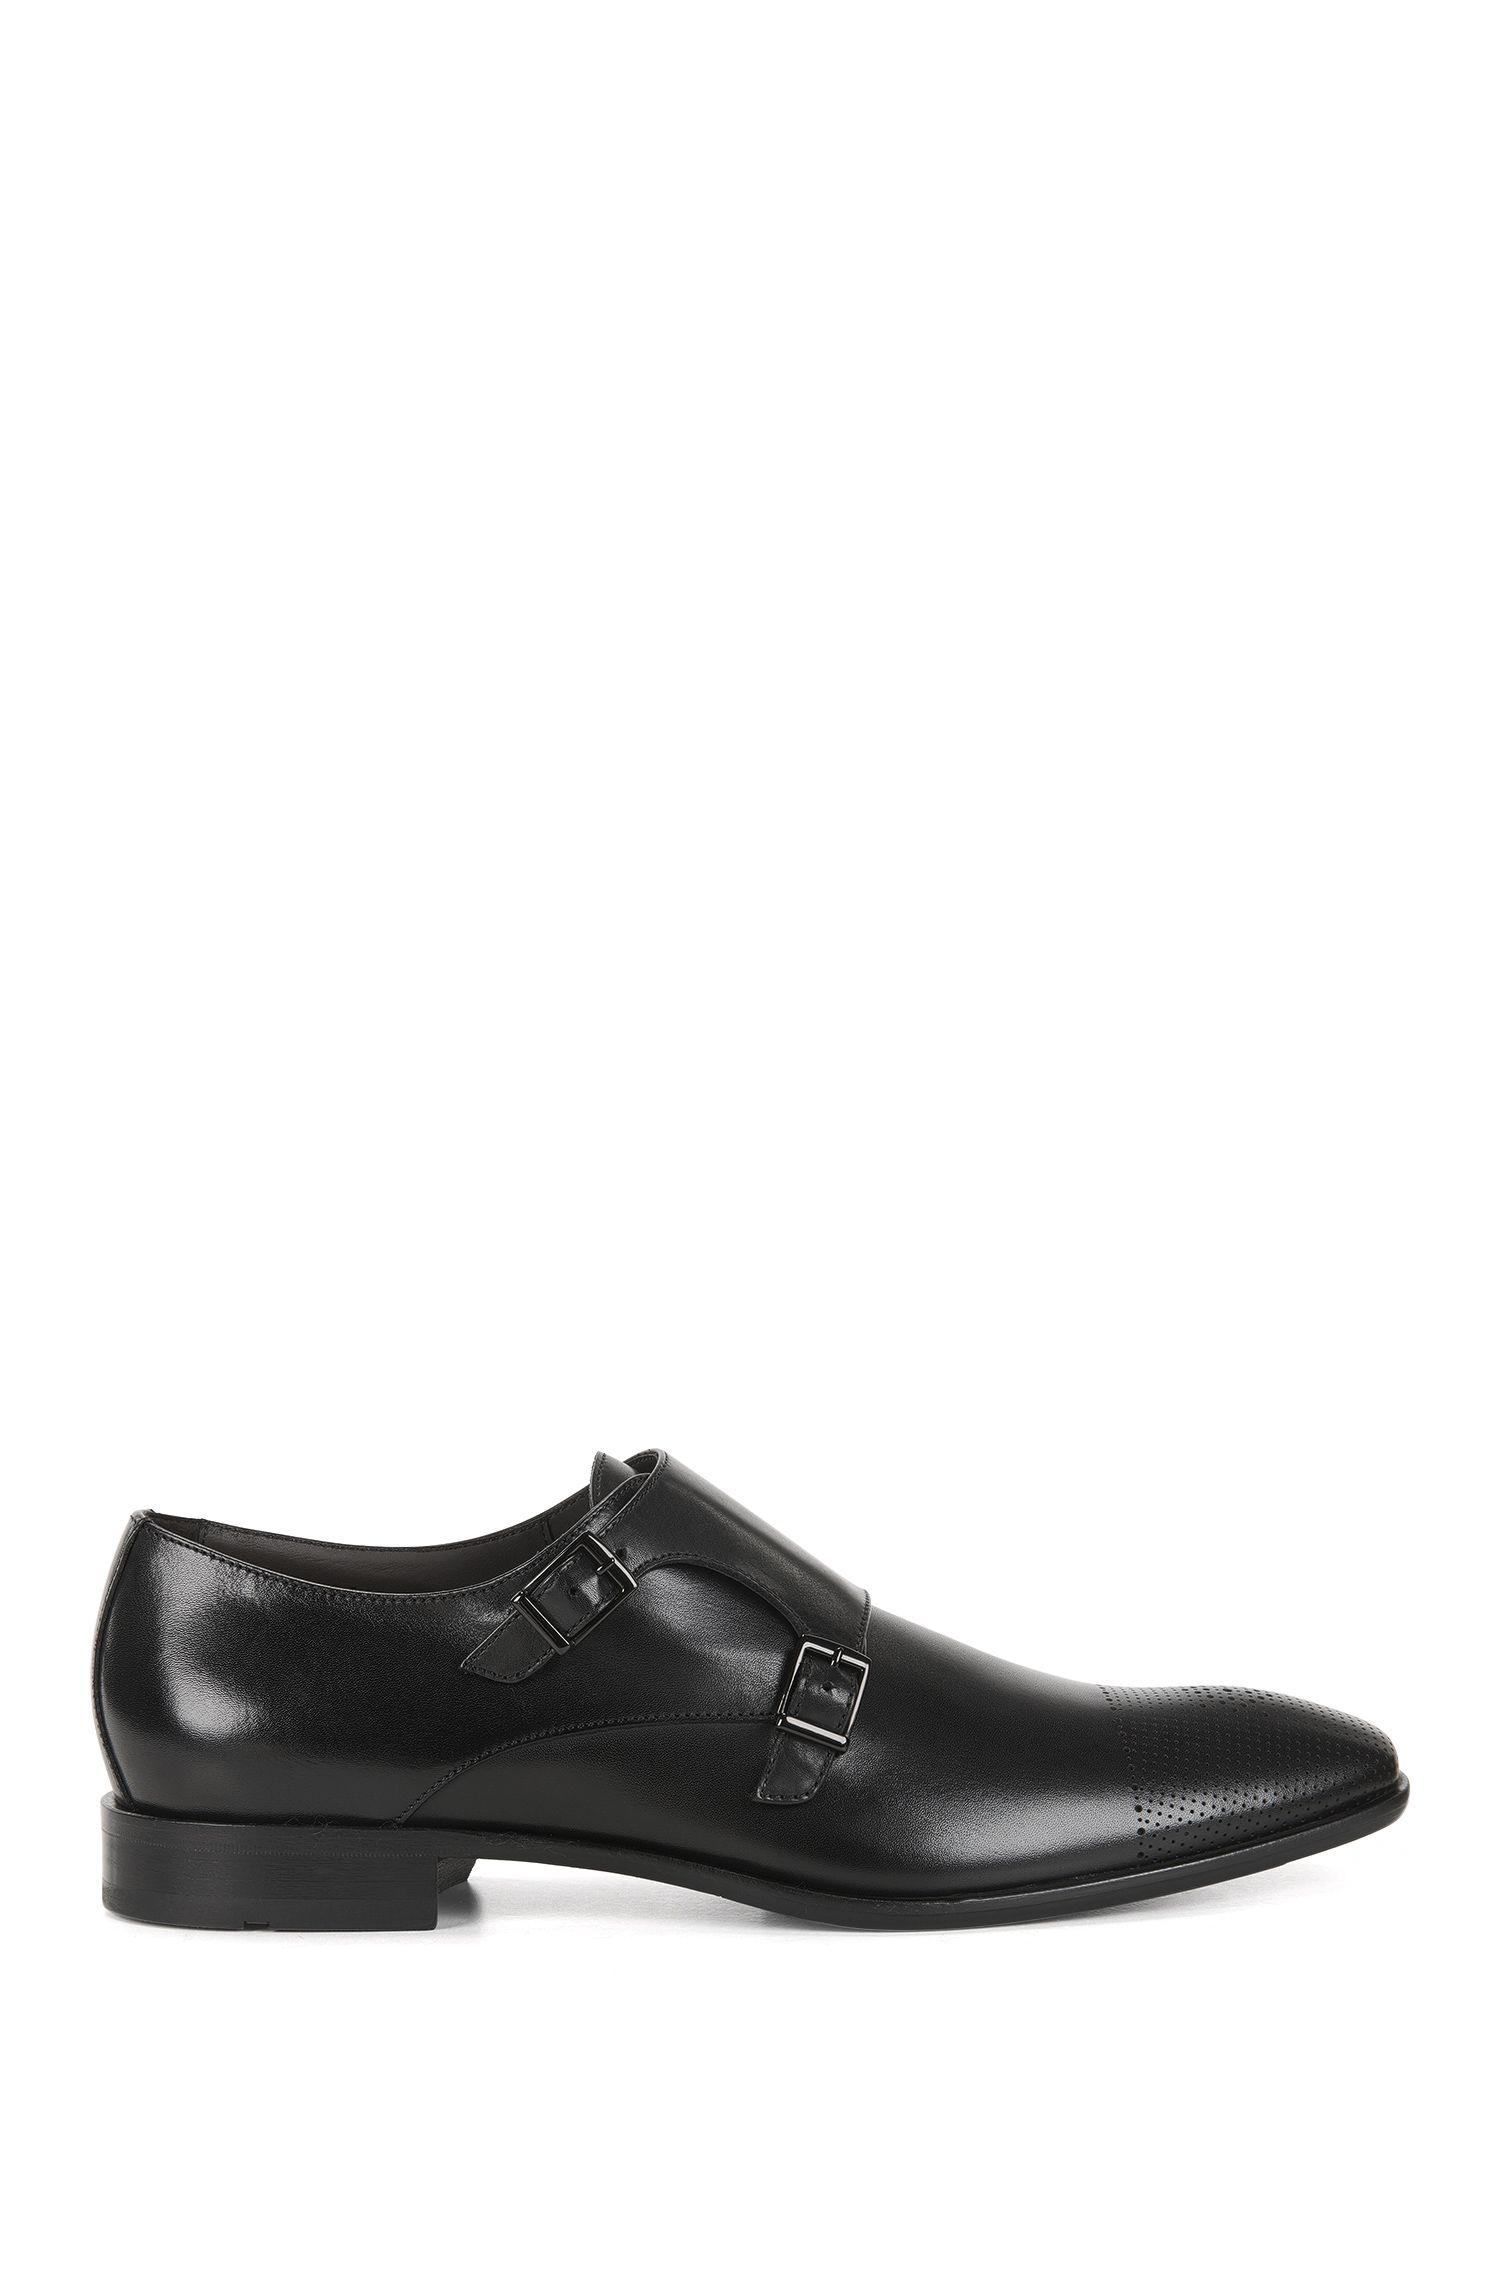 Chaussures en cuir à double boucle et bout droit découpé au laser